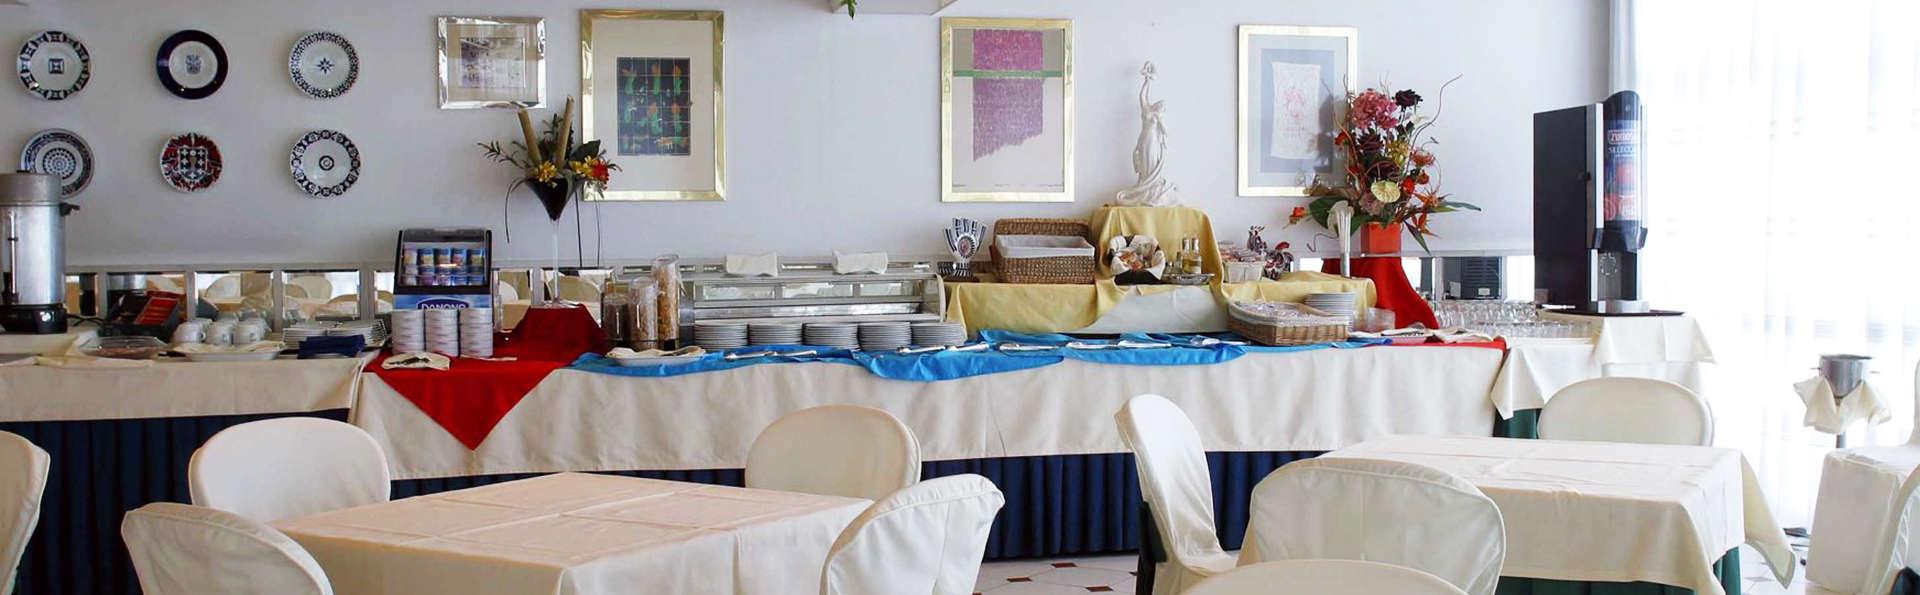 Hotel Cityhouse Rías Altas - EDIT_buffet.jpg